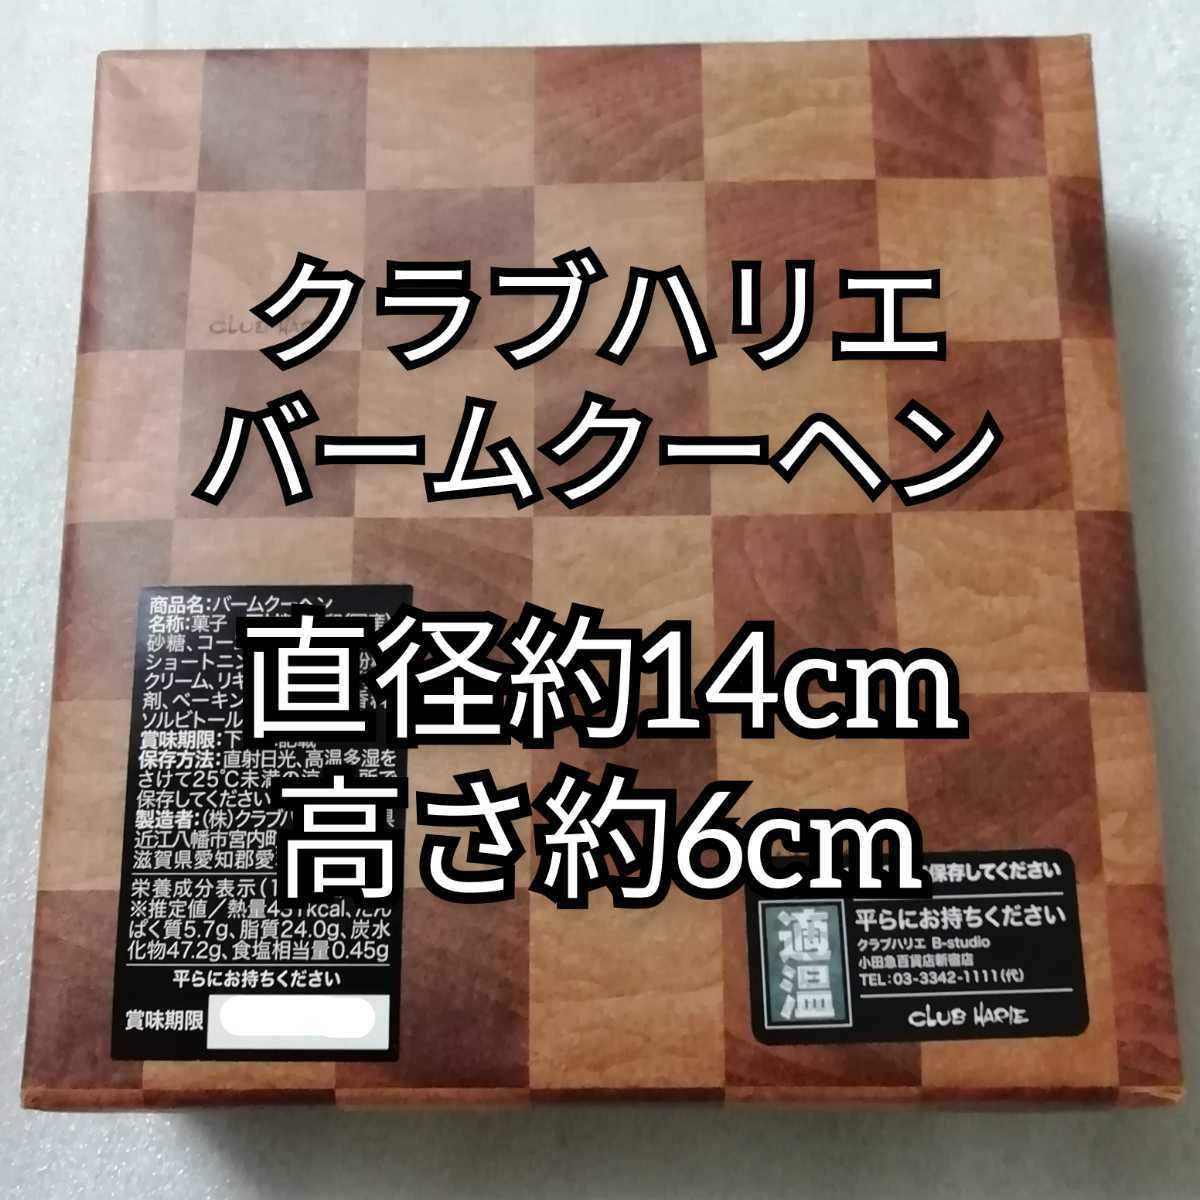 商品 たねや 浜崎あゆみ・たねやクラブハリエコラボ商品発売